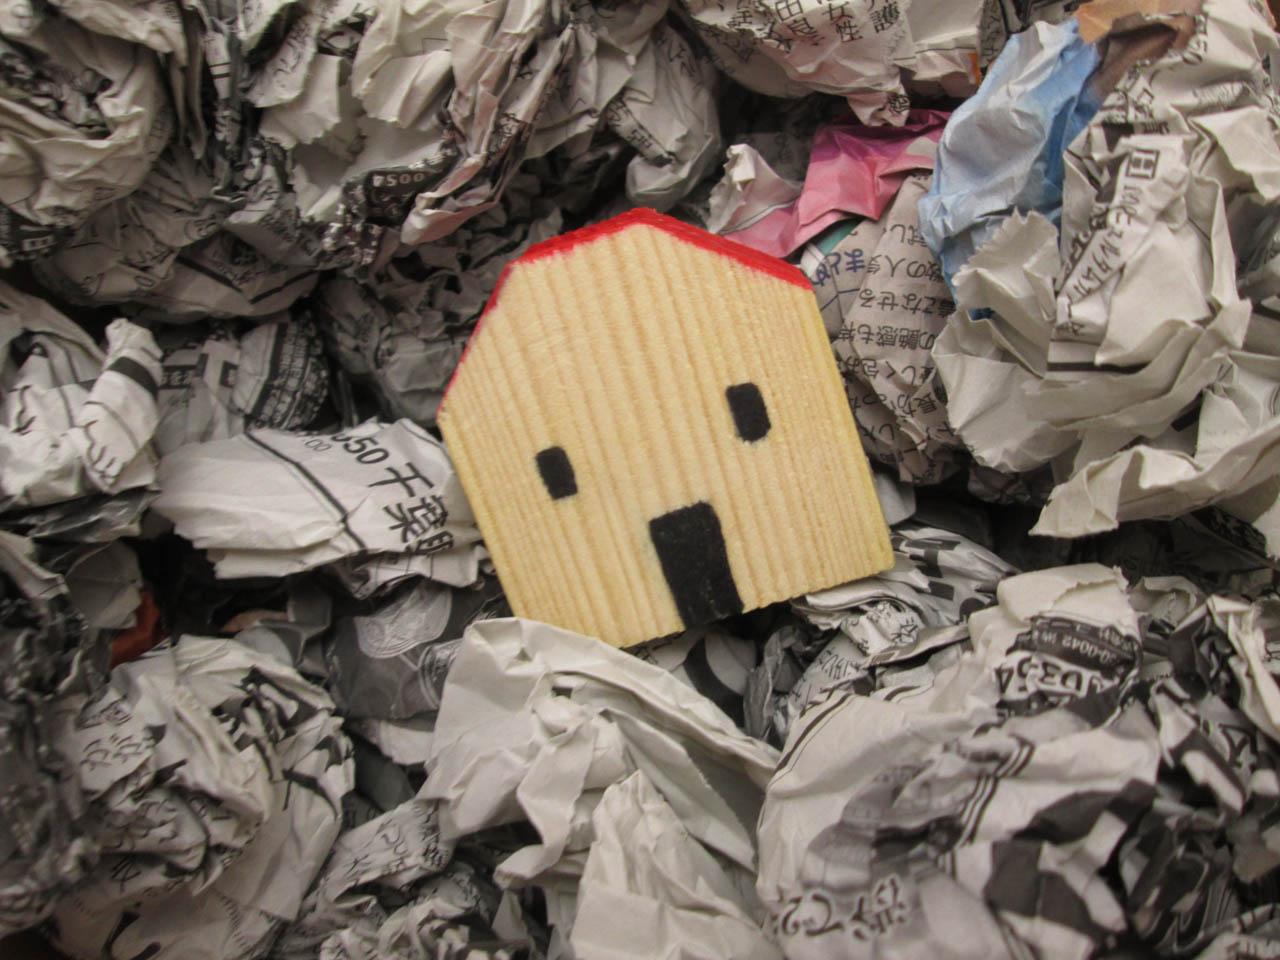 ゴミに囲まれた家のイメージ